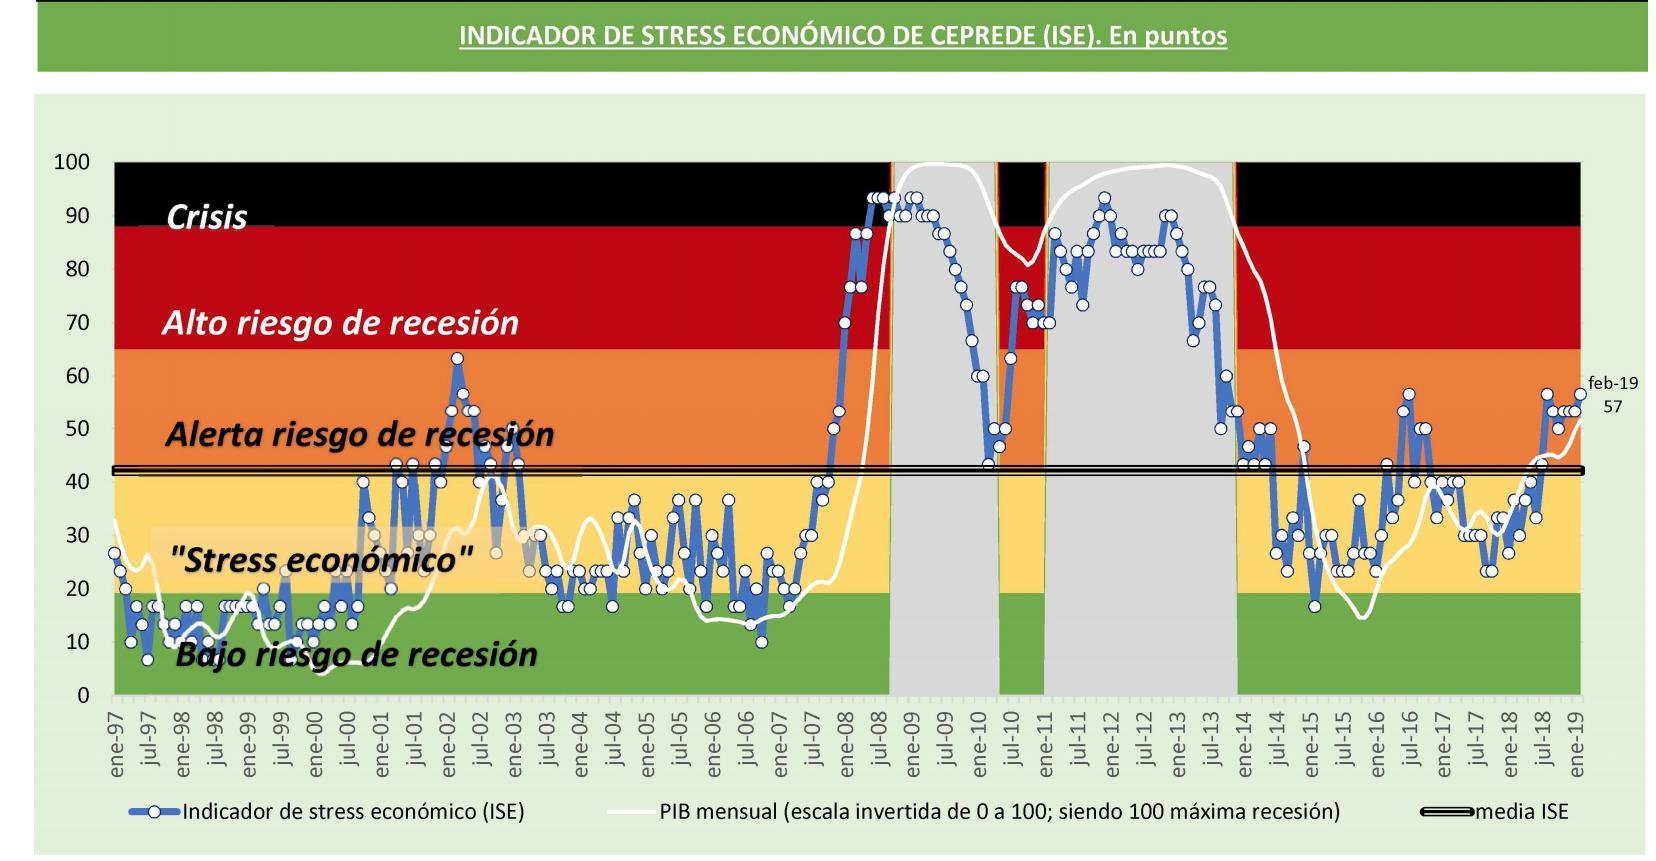 estres-economico-ceprede-1.png